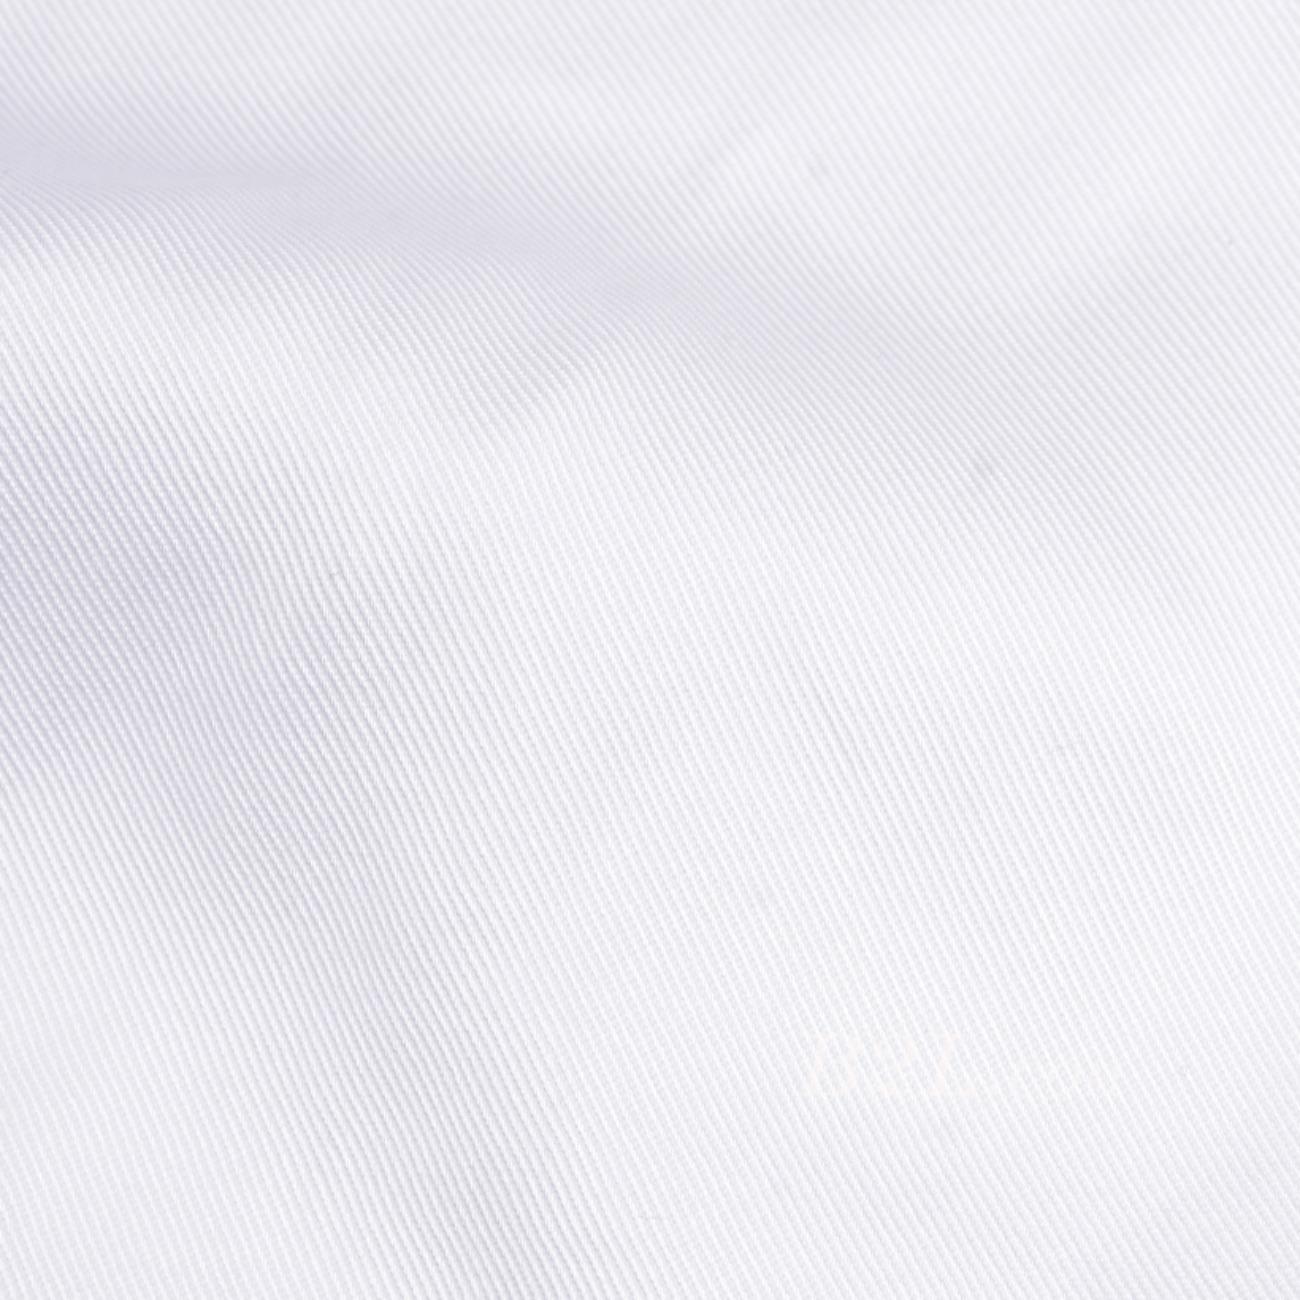 梭织染色素色醋酸面料-春夏秋连衣裙外套裤装休闲服面料90313-1